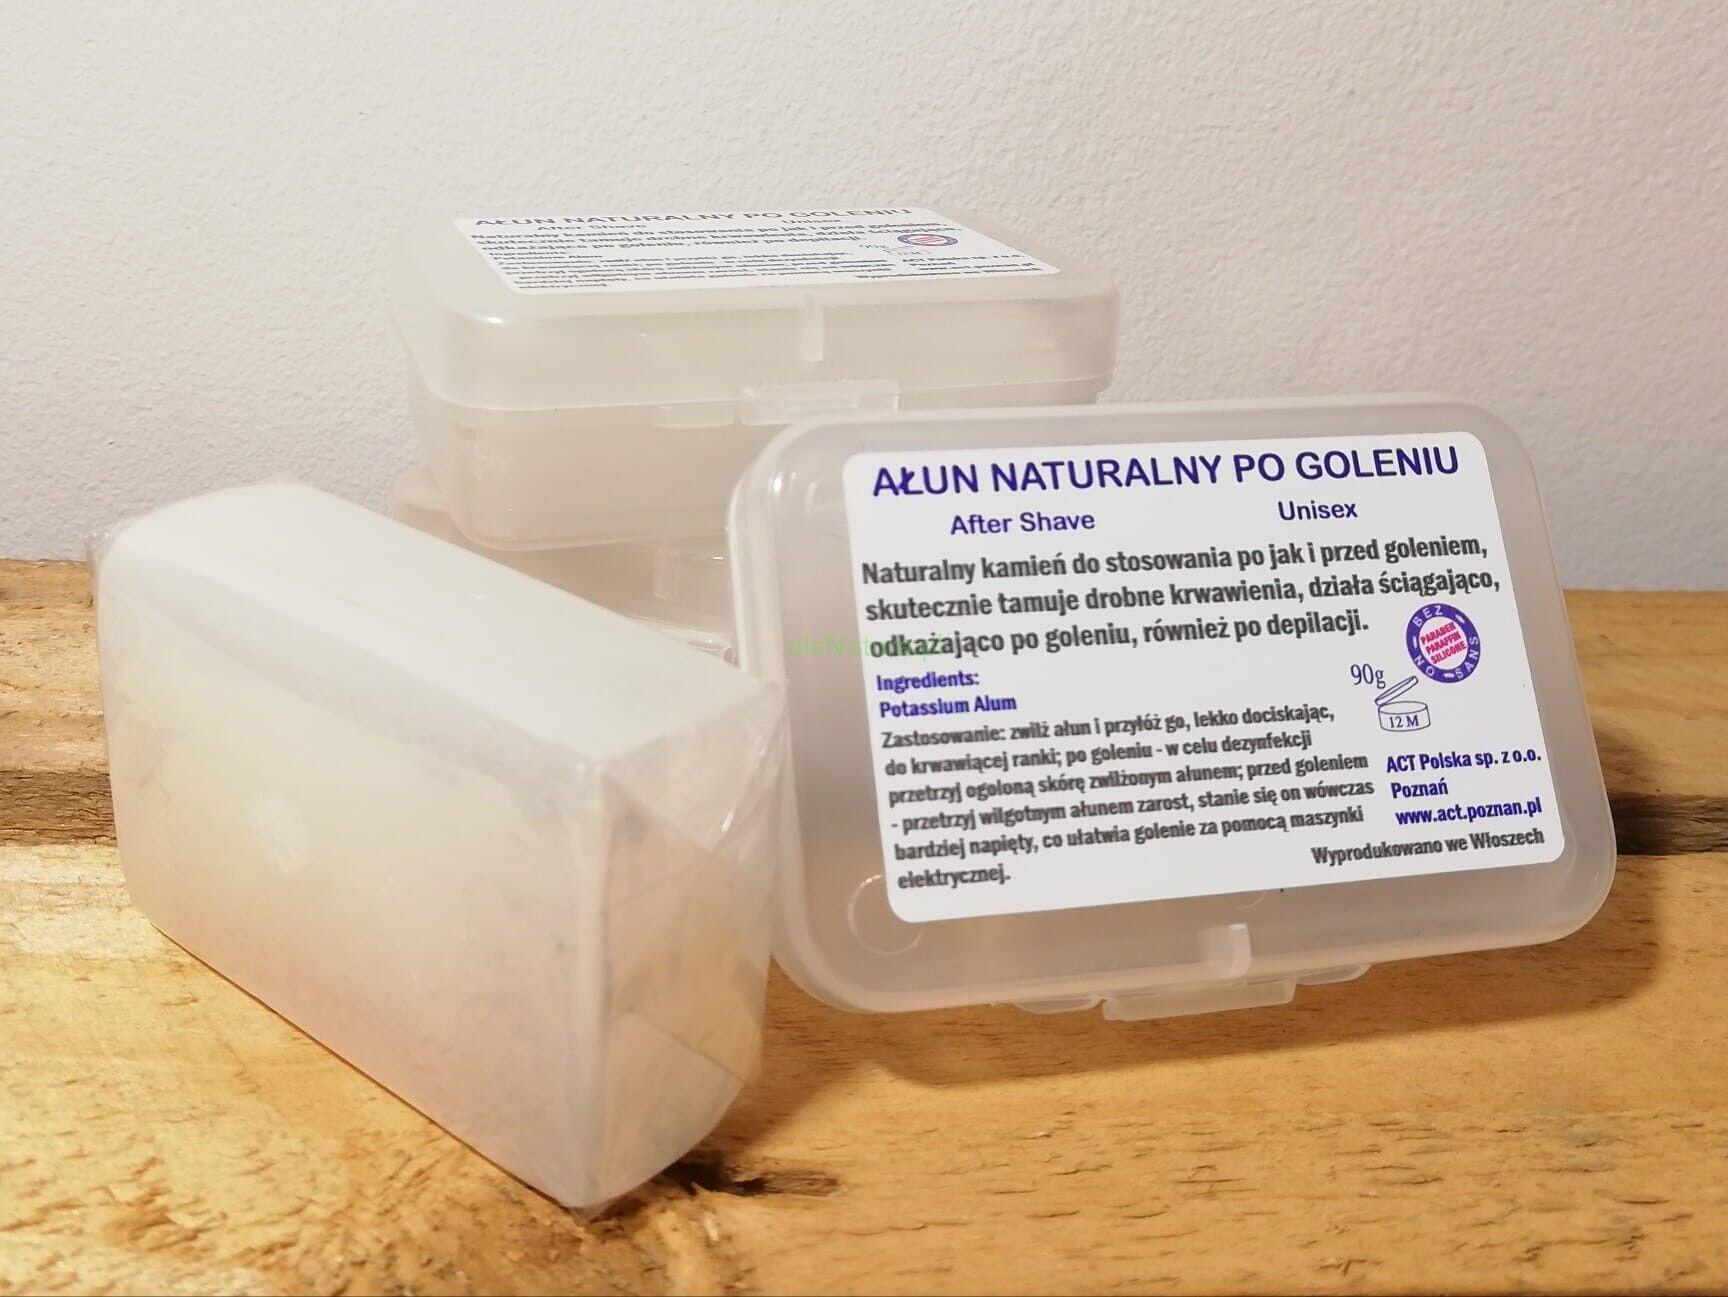 ACT NATURAL ałun naturalny kamień po goleniu 90g unisex